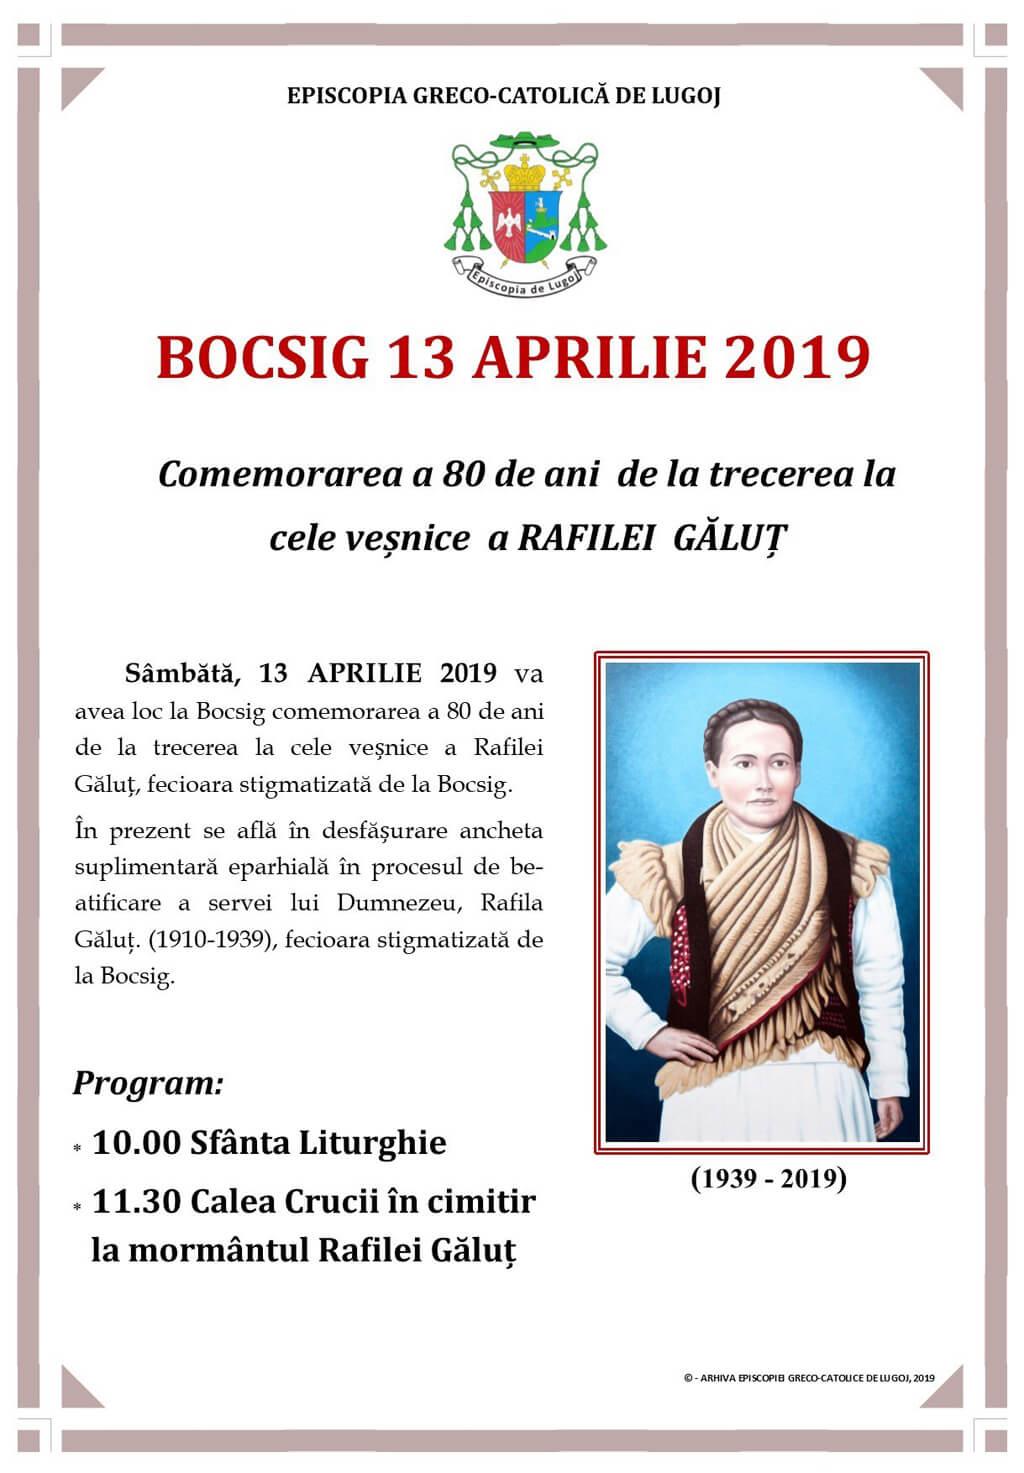 Comemorarea a 80 de ani de la trecerea la cele veșnice a Rafilei Găluț